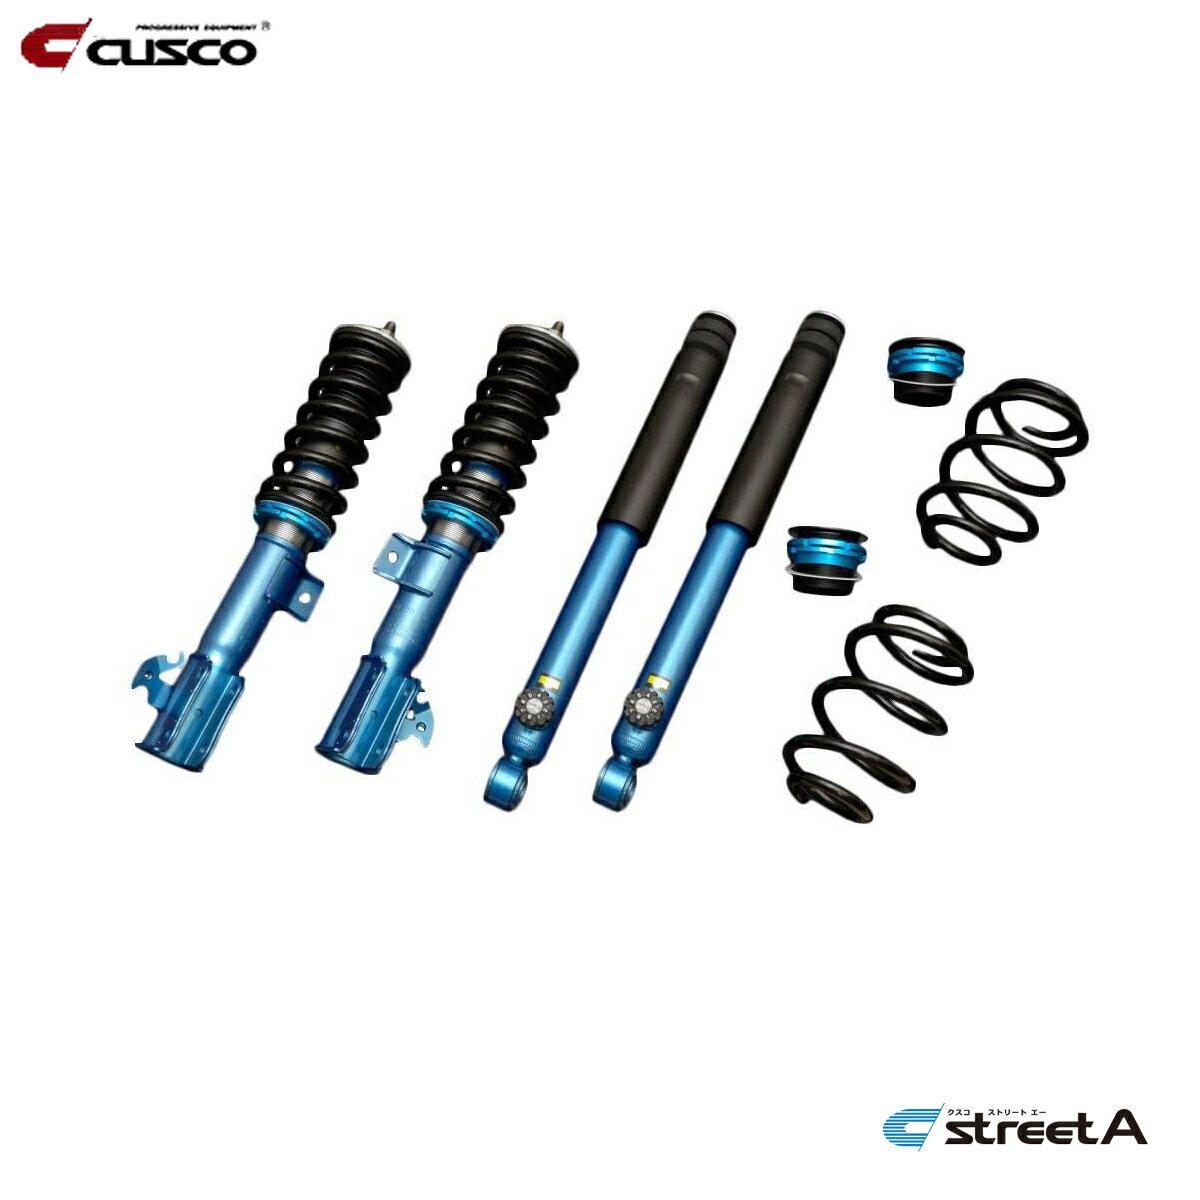 CUSCO クスコ ワゴンR MC22S 車高調 全長固定式 629-62J-CBA